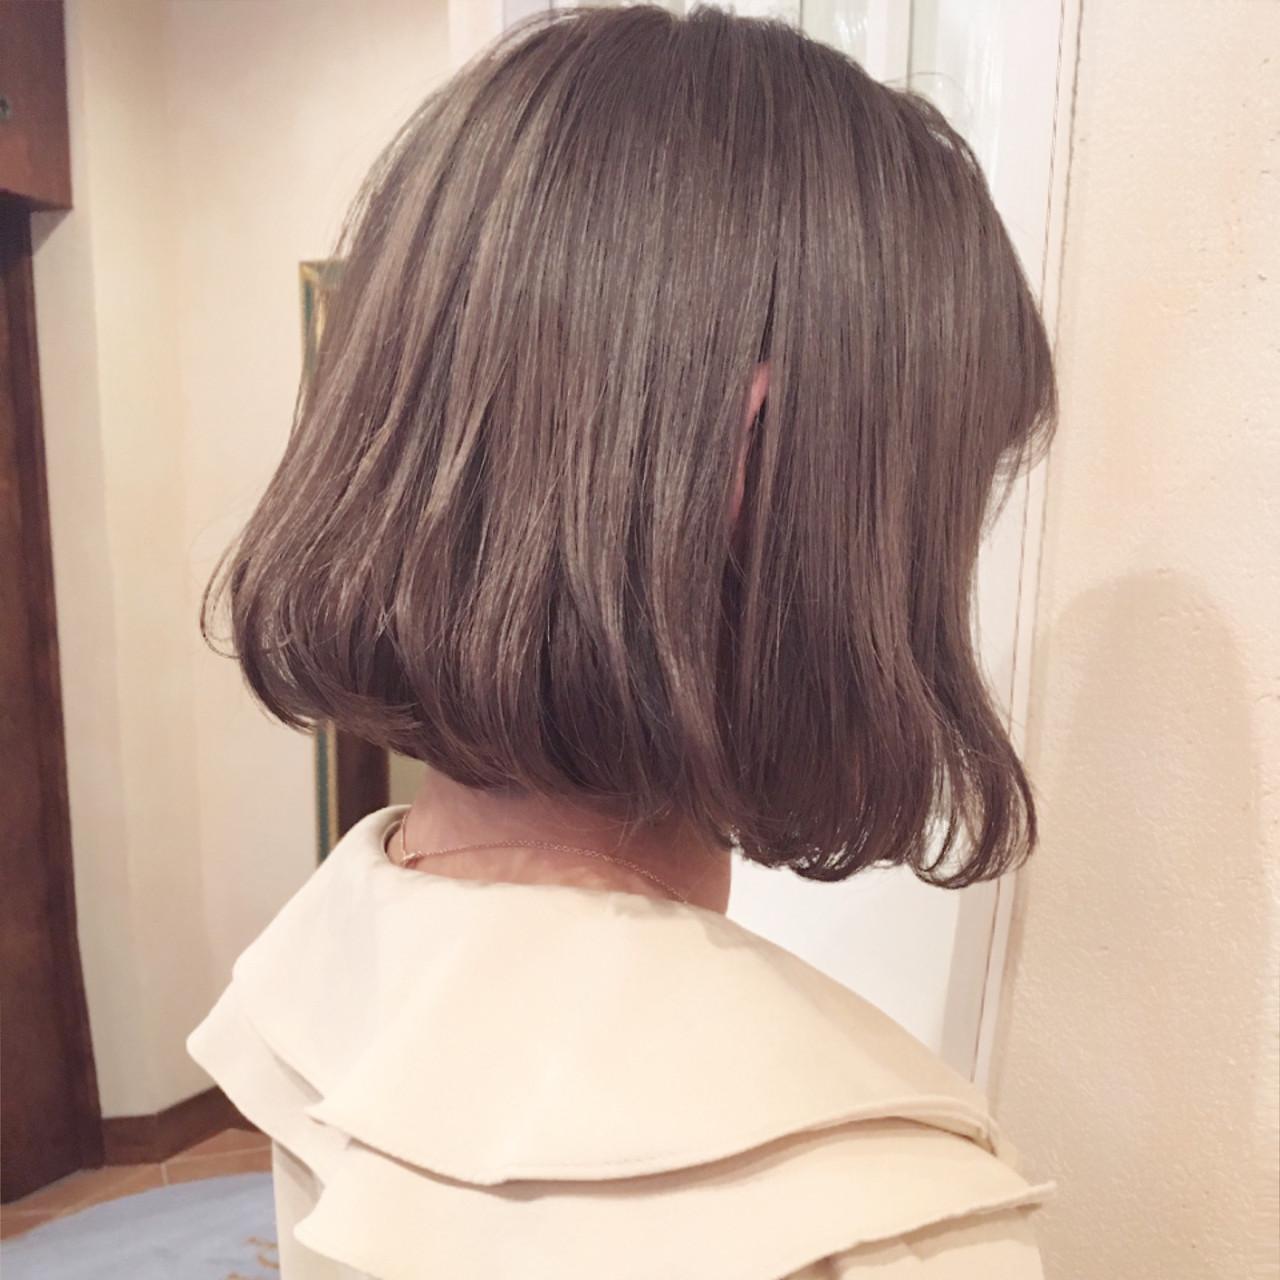 ボブ ナチュラル ミニボブ 小顔 ヘアスタイルや髪型の写真・画像